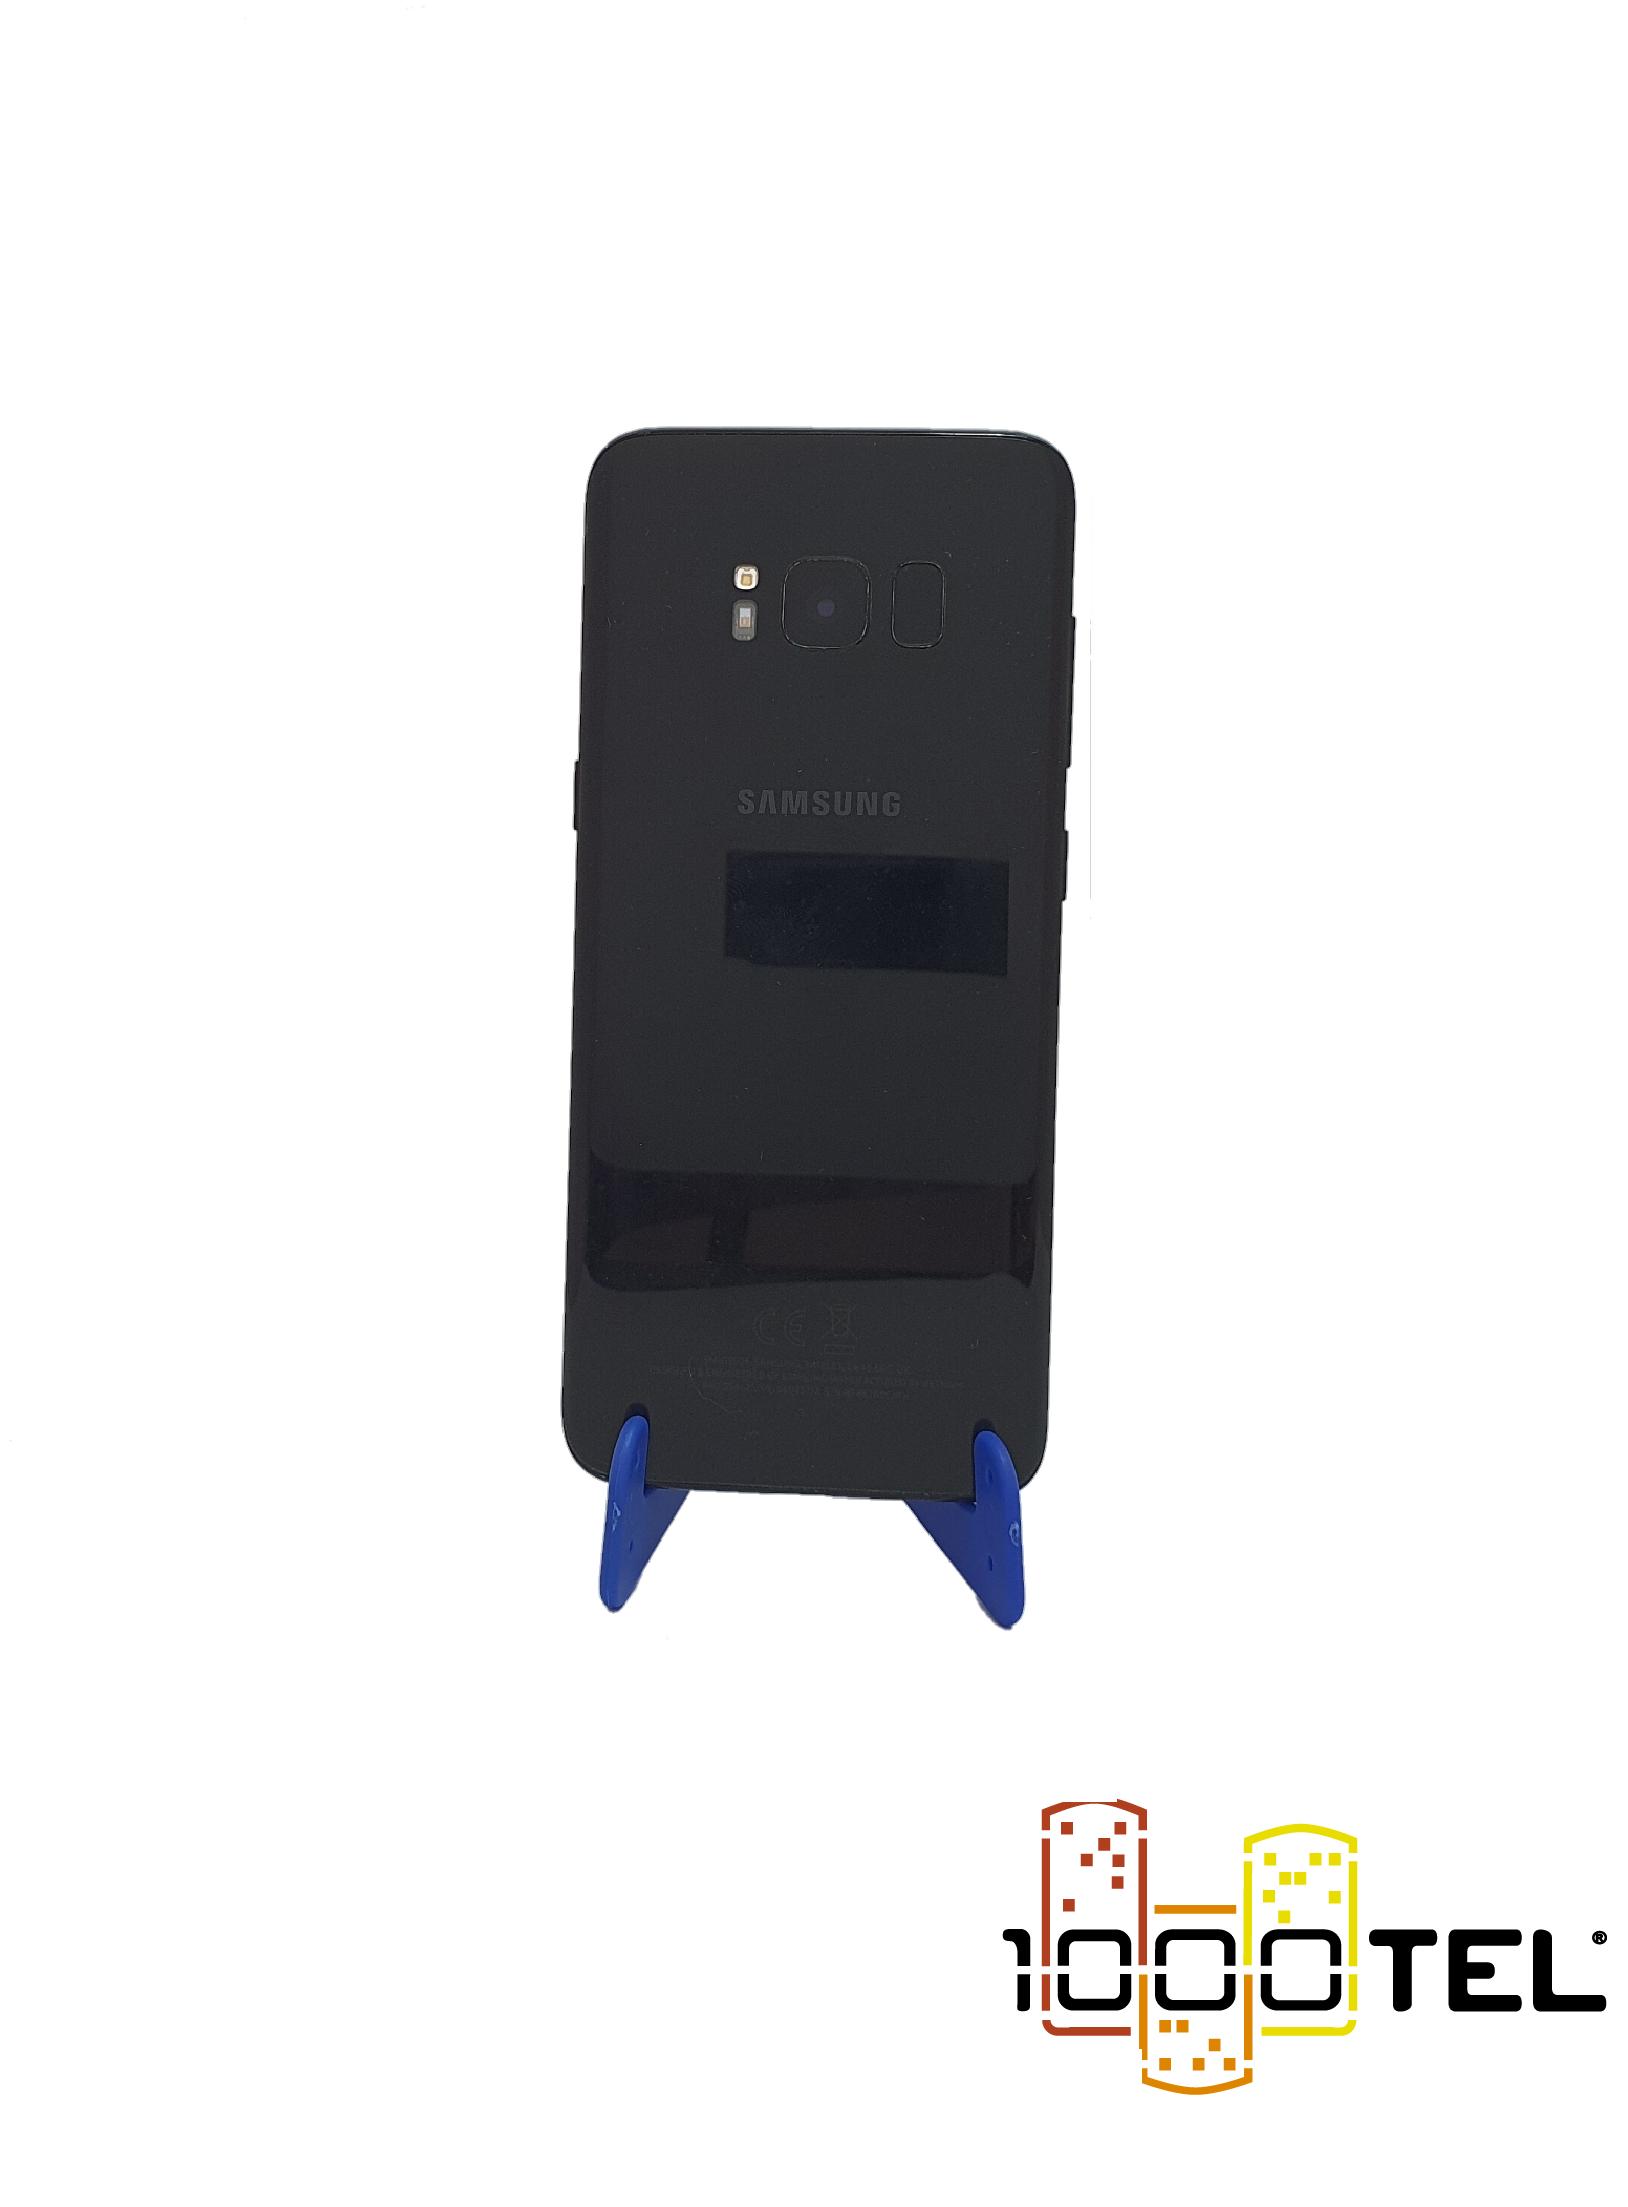 Samsung Galaxy S8 #2